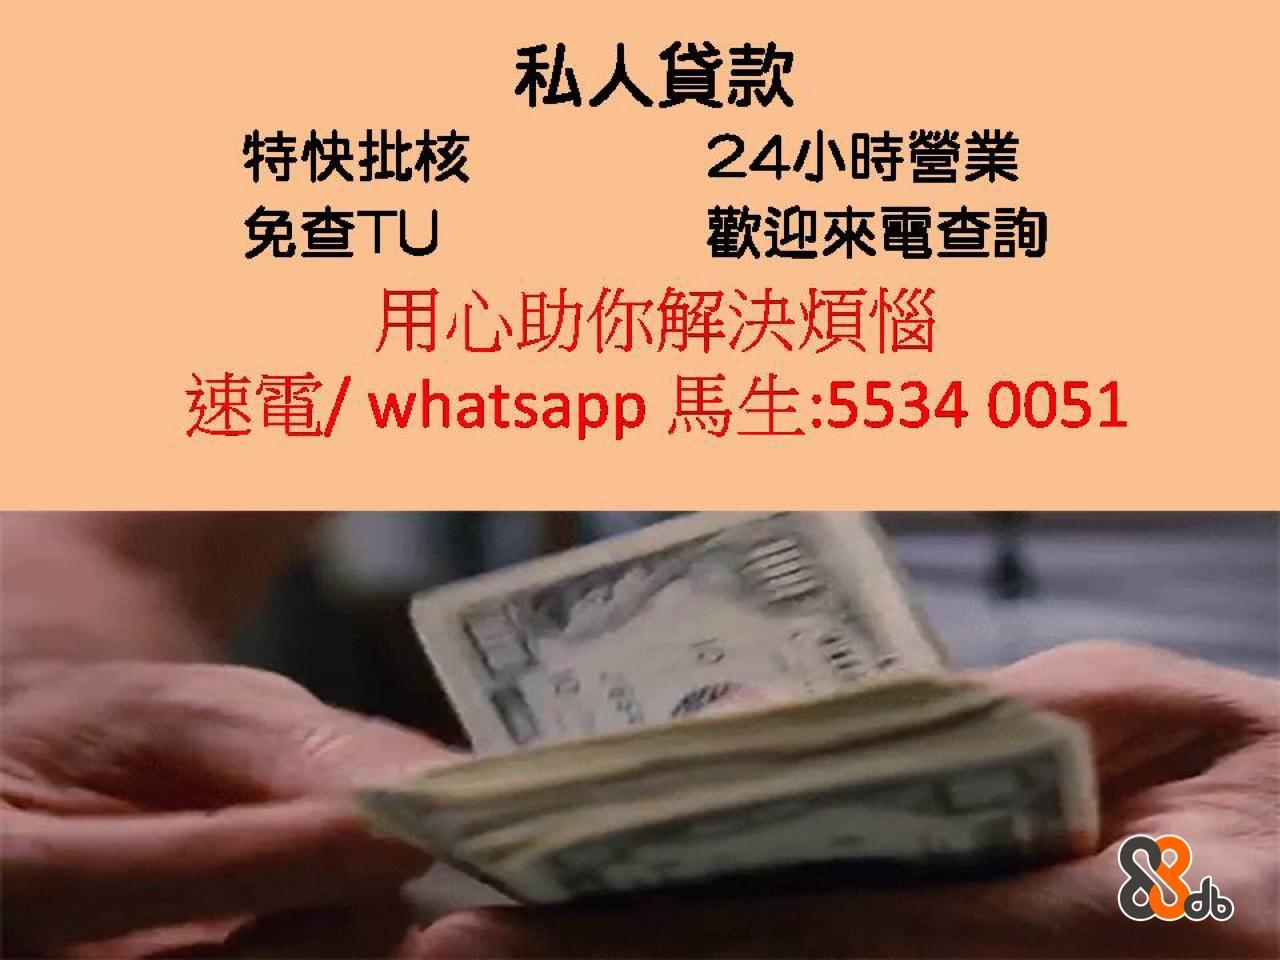 私人貸款 特快批核 免查TU 24小時營業 歡迎來電查詢 用心助你解決煩惱 速電/whatsapp馬生:5534 0051  text,font,